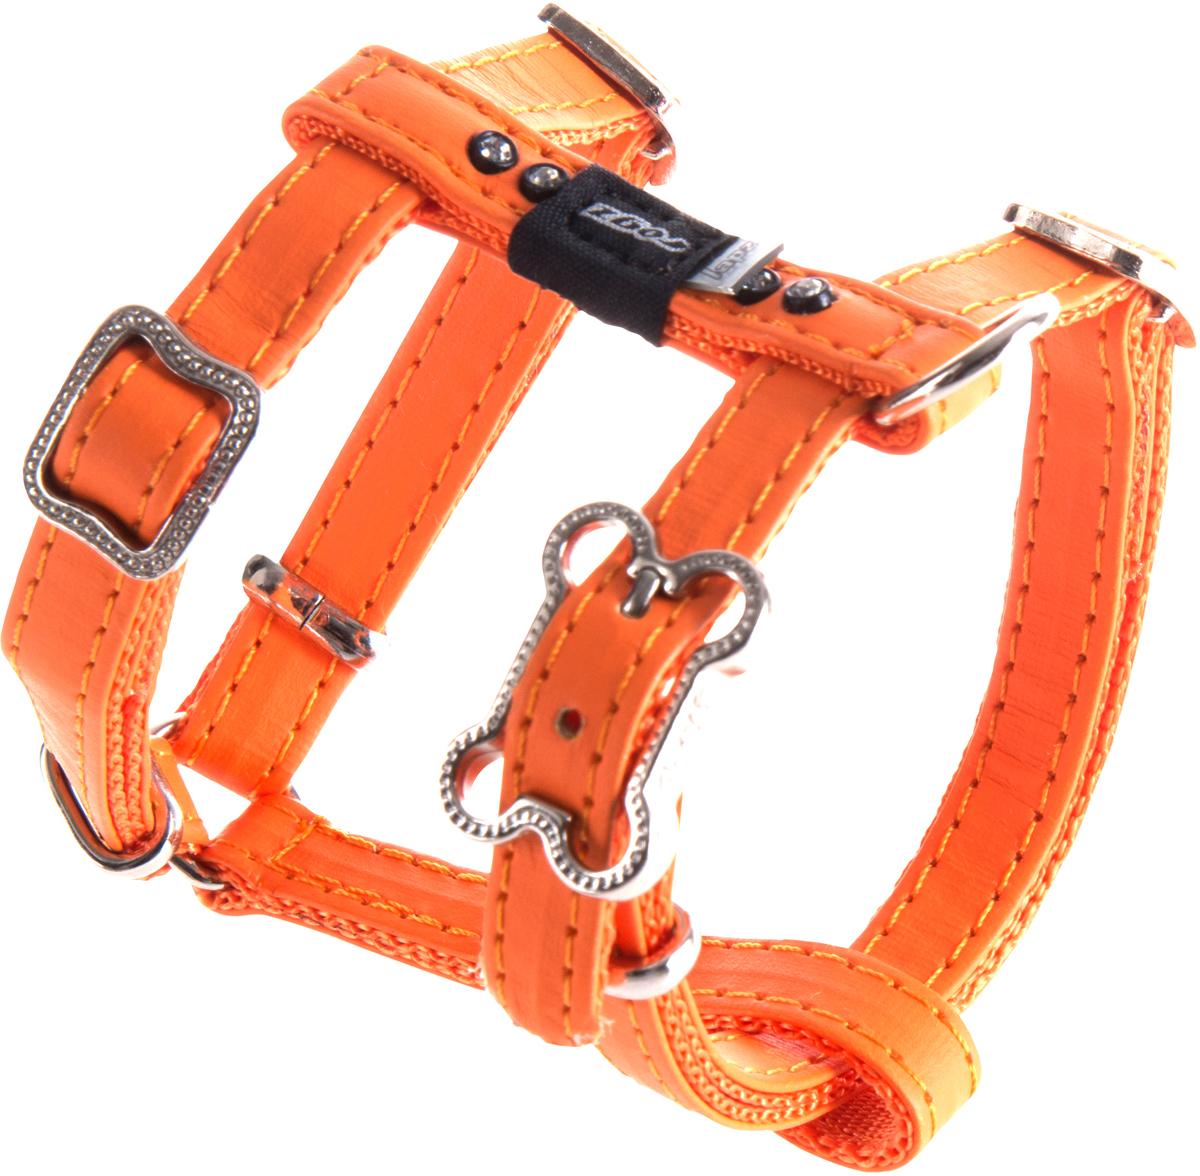 Шлейка для собак Rogz Luna, цвет: оранжевый, ширина 1,1 см. Размер XS0120710Нежнейшая мягкость и гибкость.Авторский дизайн, яркие цвета, изысканные декоративные элементы.Шлейка подчеркнет индивидуальность Вашей собаки.Материалы: 100% полиэстер, PU кожа (на основе полиуретана),металл, пластик, стразы. Полотно:100% полиэстер, PU кожа (на основе полиуретана), металл, пластик, стразы